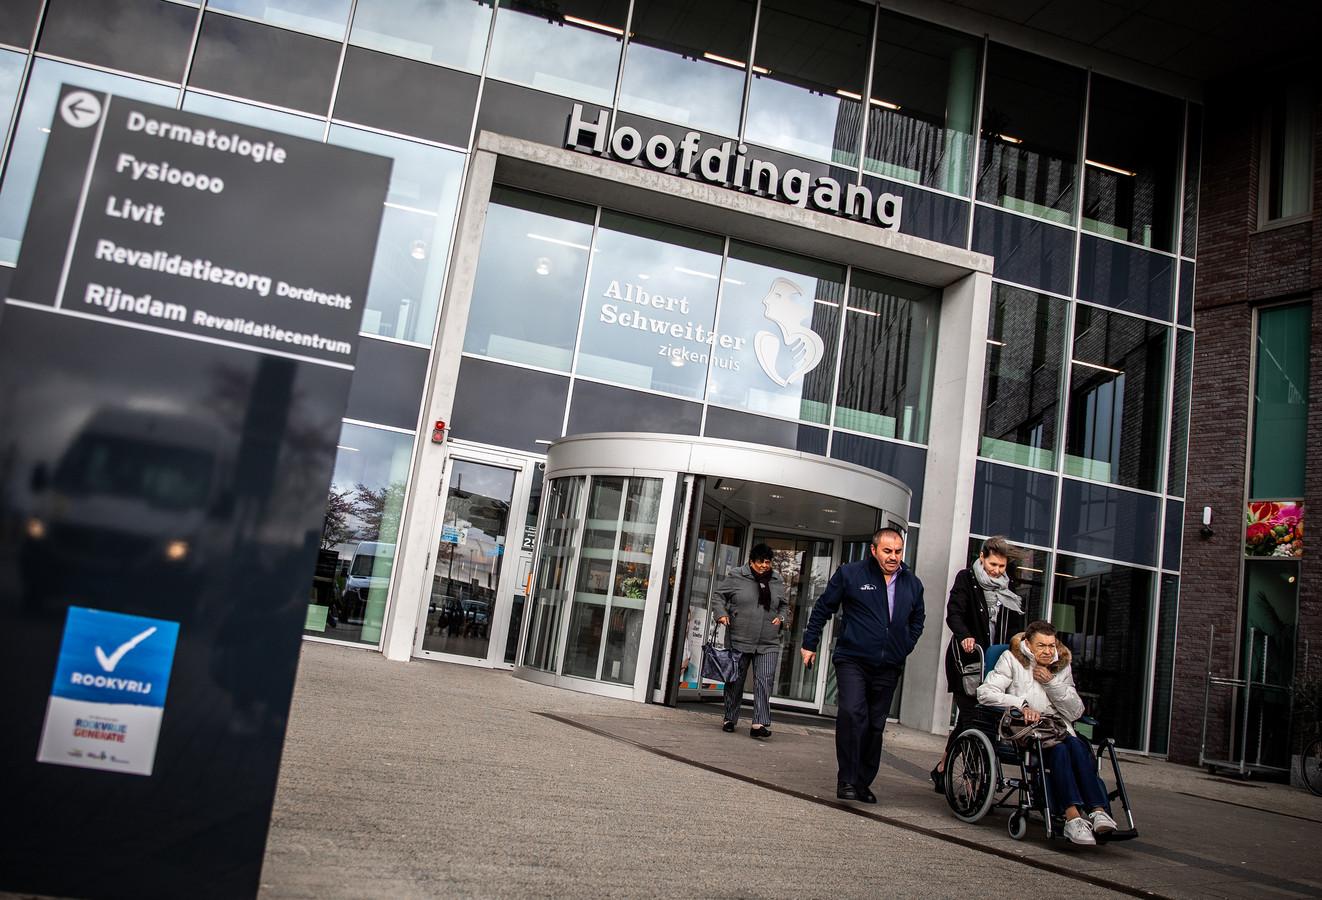 De hoofdingang van het Albert Schweitzer ziekenhuis in Dordrecht.